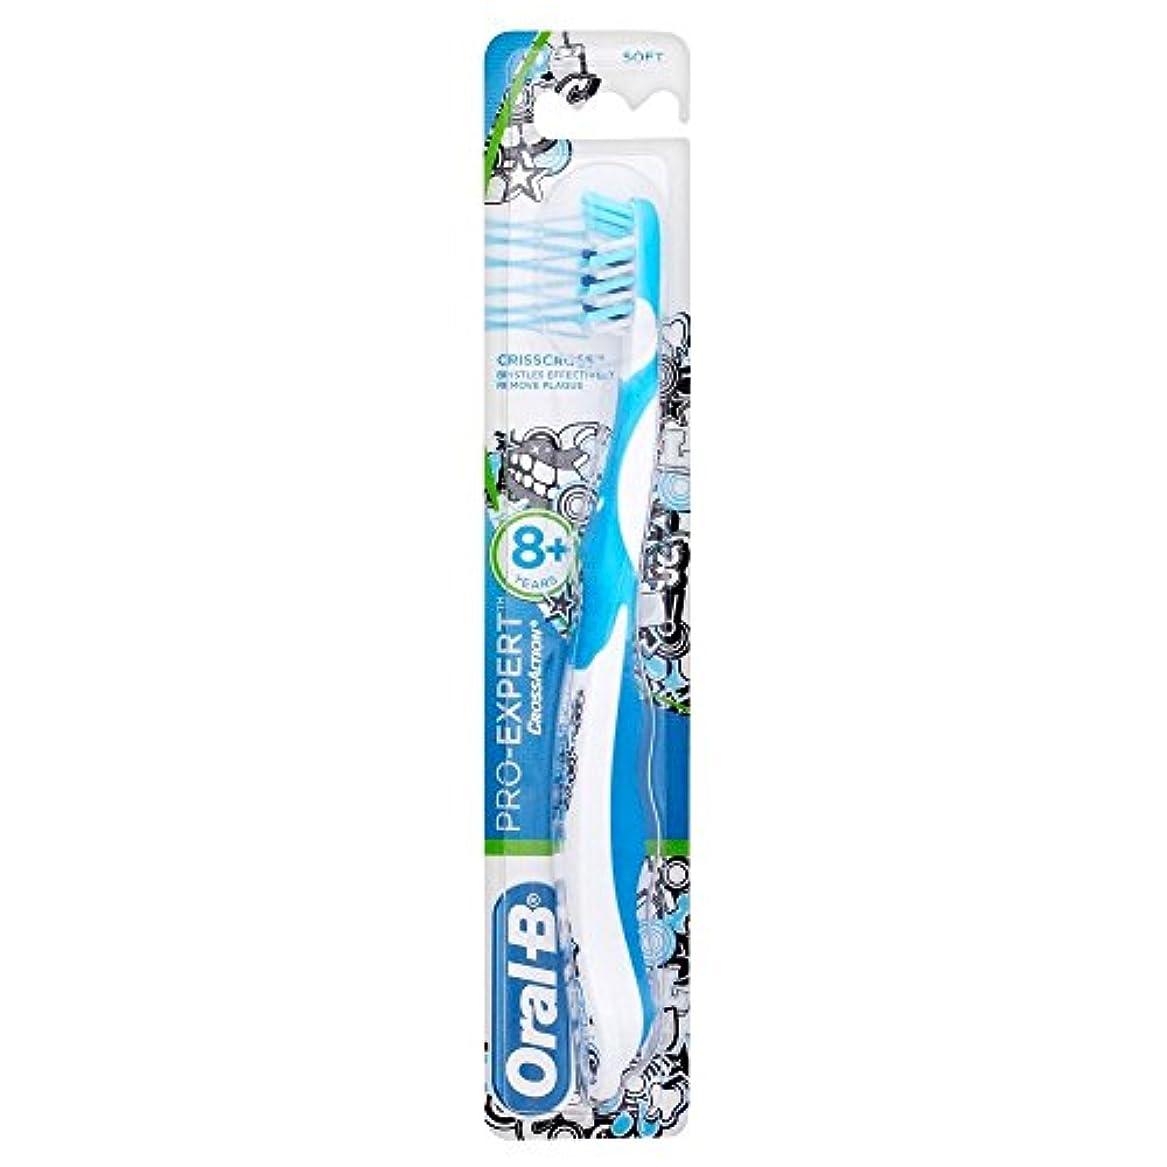 広告主イベント篭Oral-B Toothbrush Pro-Expert Soft Bristles 8yr + オーラルb歯ブラシプロ専門ソフト剛毛??8Yr + [並行輸入品]